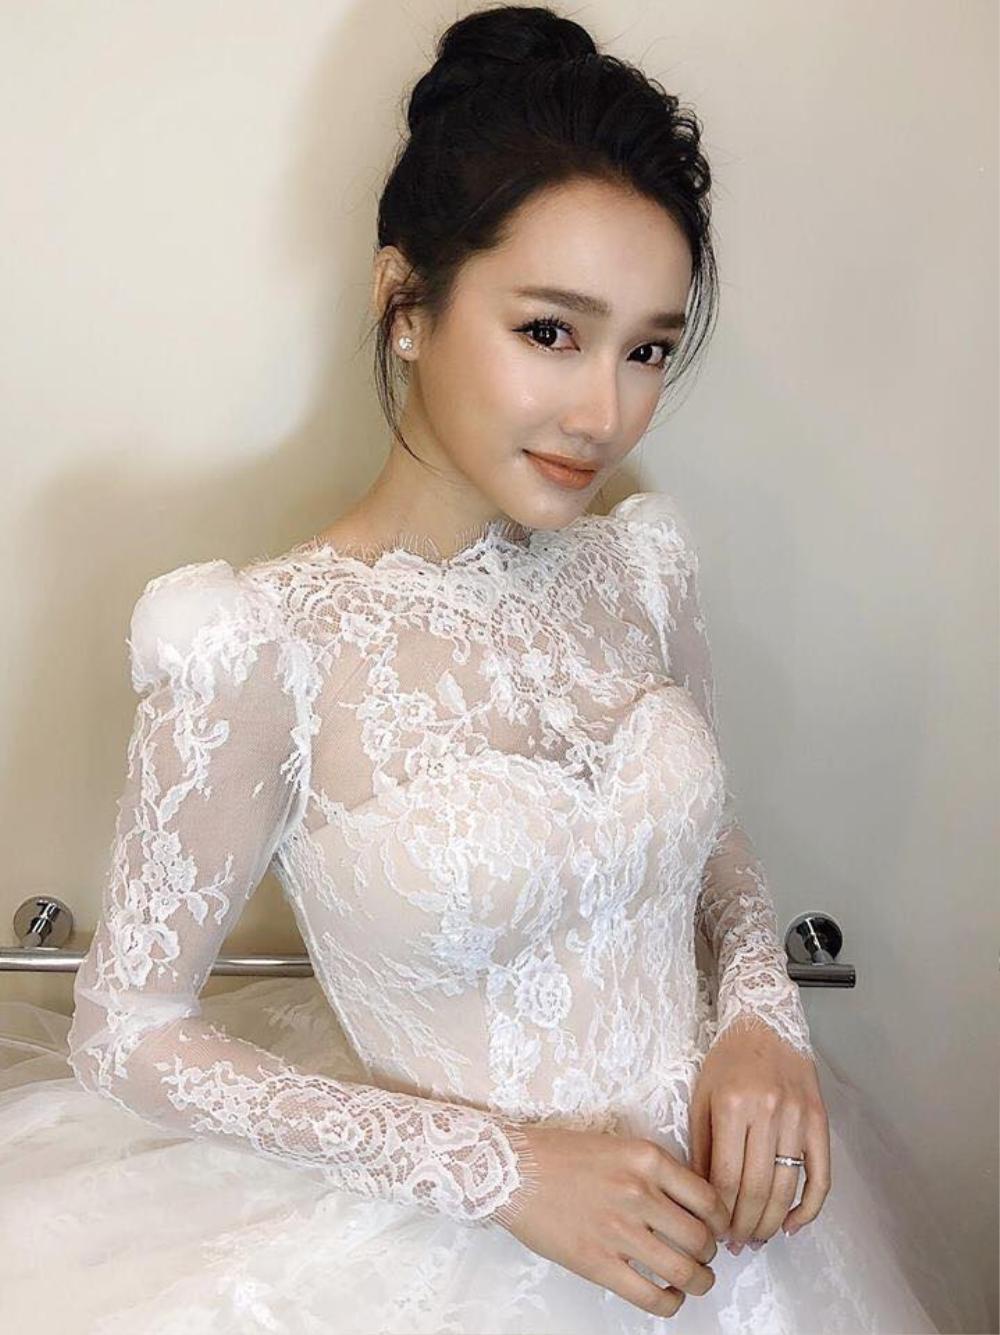 Đông Nhi - Đặng Thu Thảo - Nhã Phương đều được chuyên gia Minh Lộc trang điểm ở đám cưới thế kỷ Ảnh 4